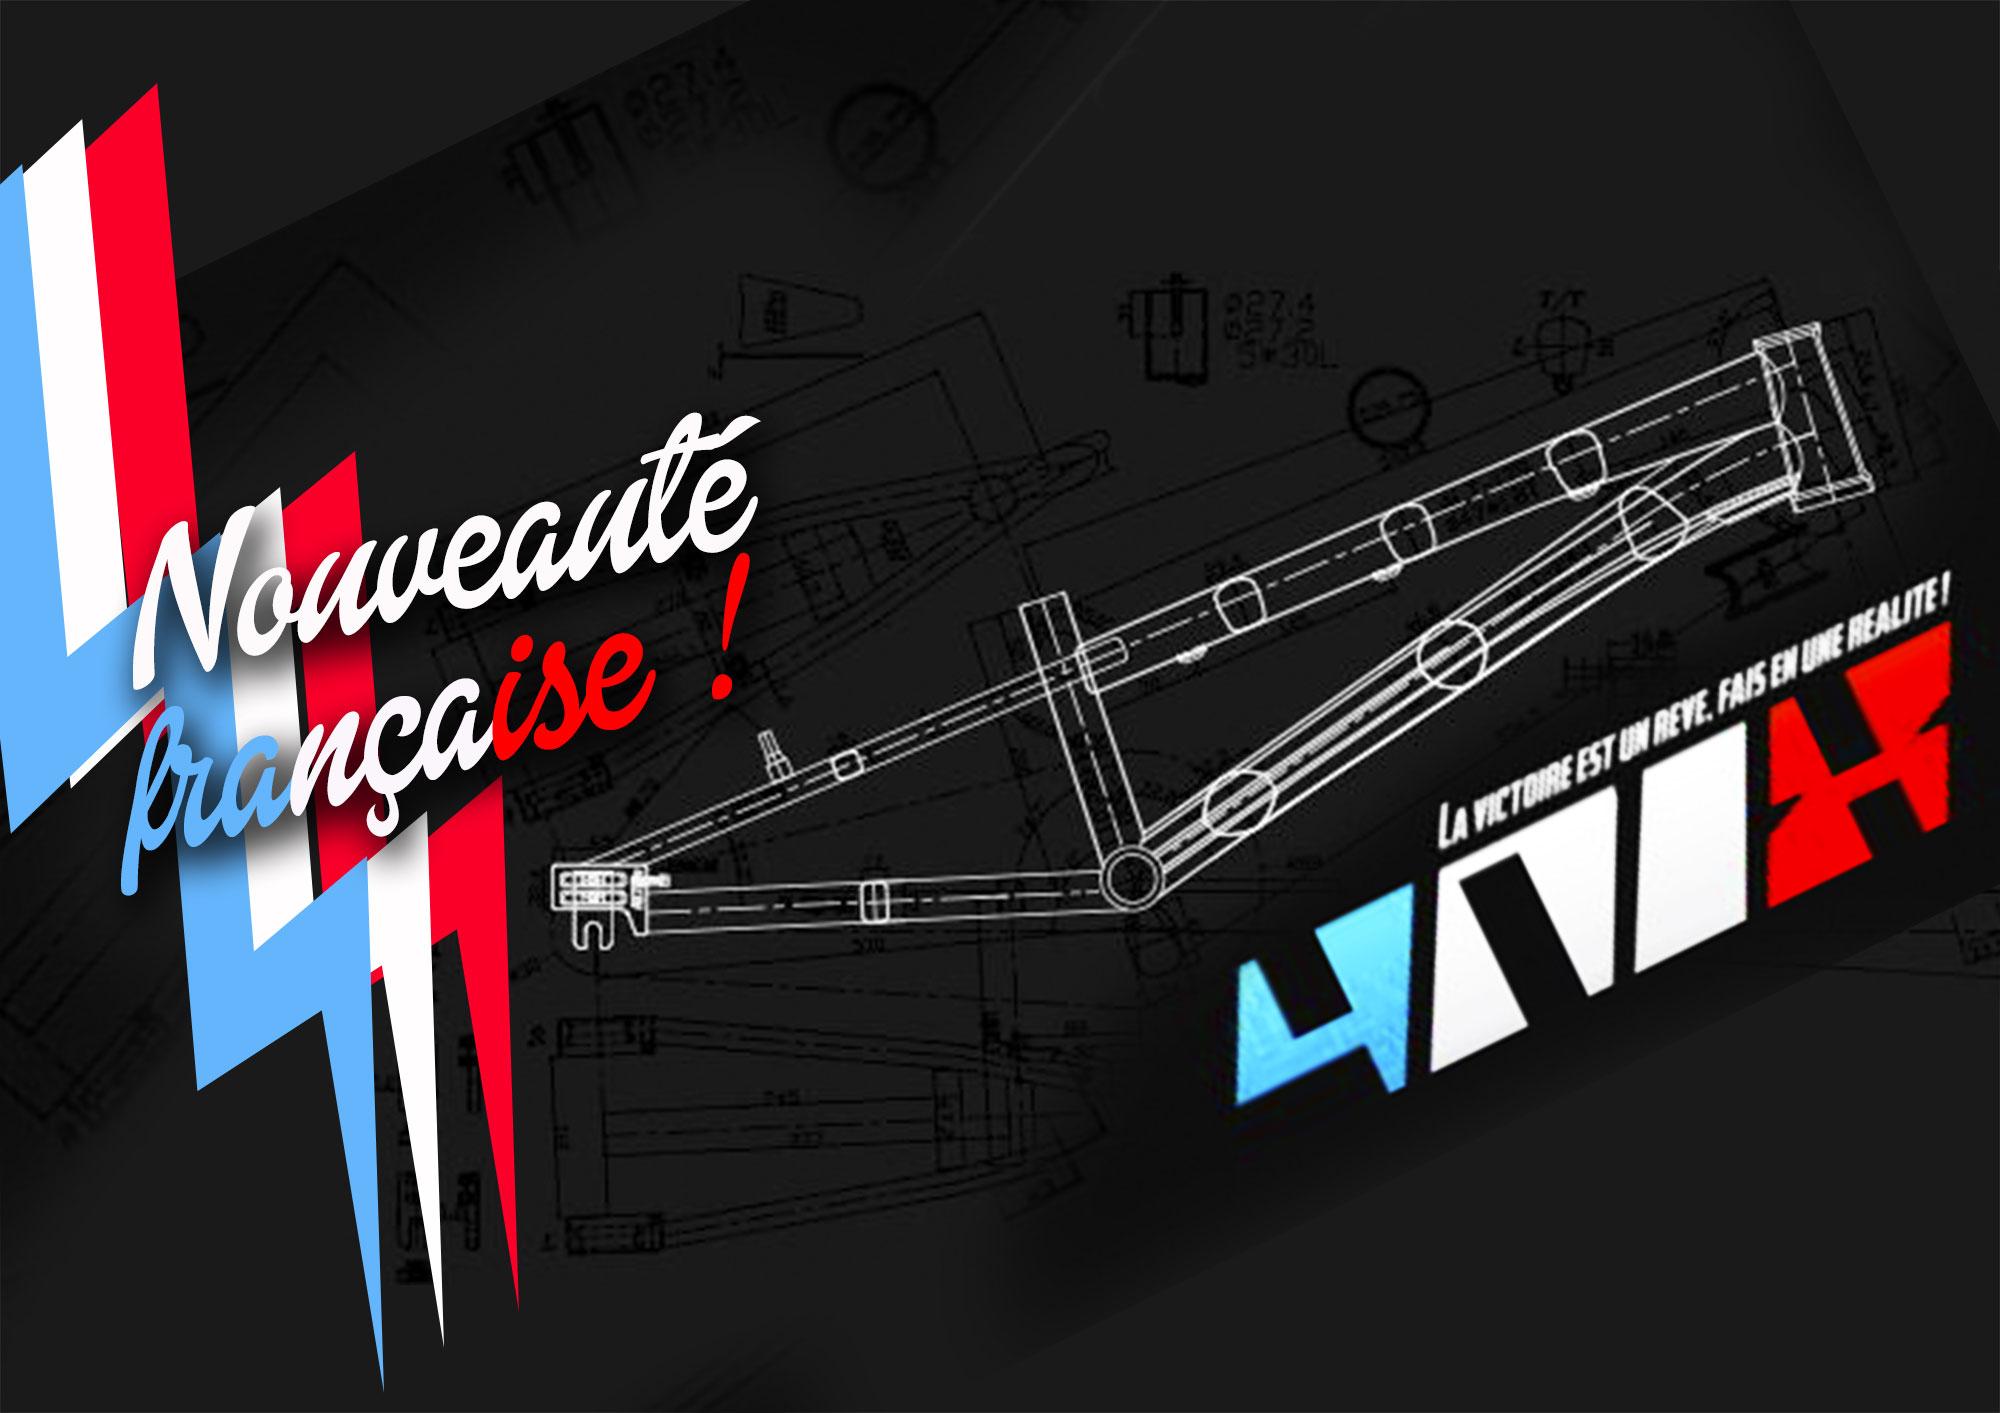 4NIX la nouvelle marque Française !